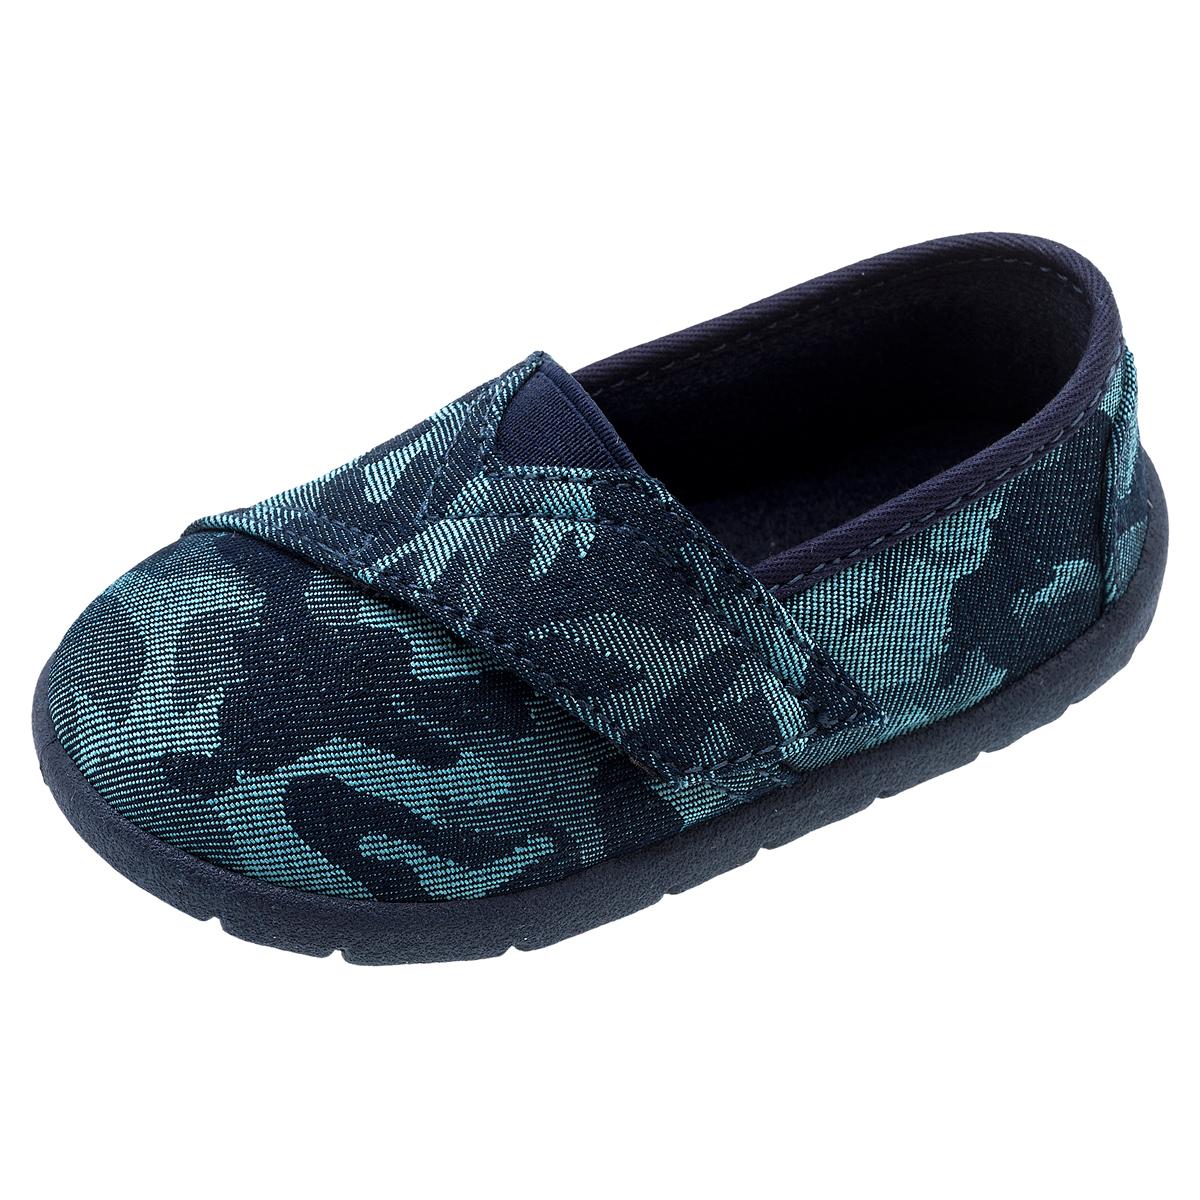 Pantofi Copii Chicco, Albastru Carouri imagine